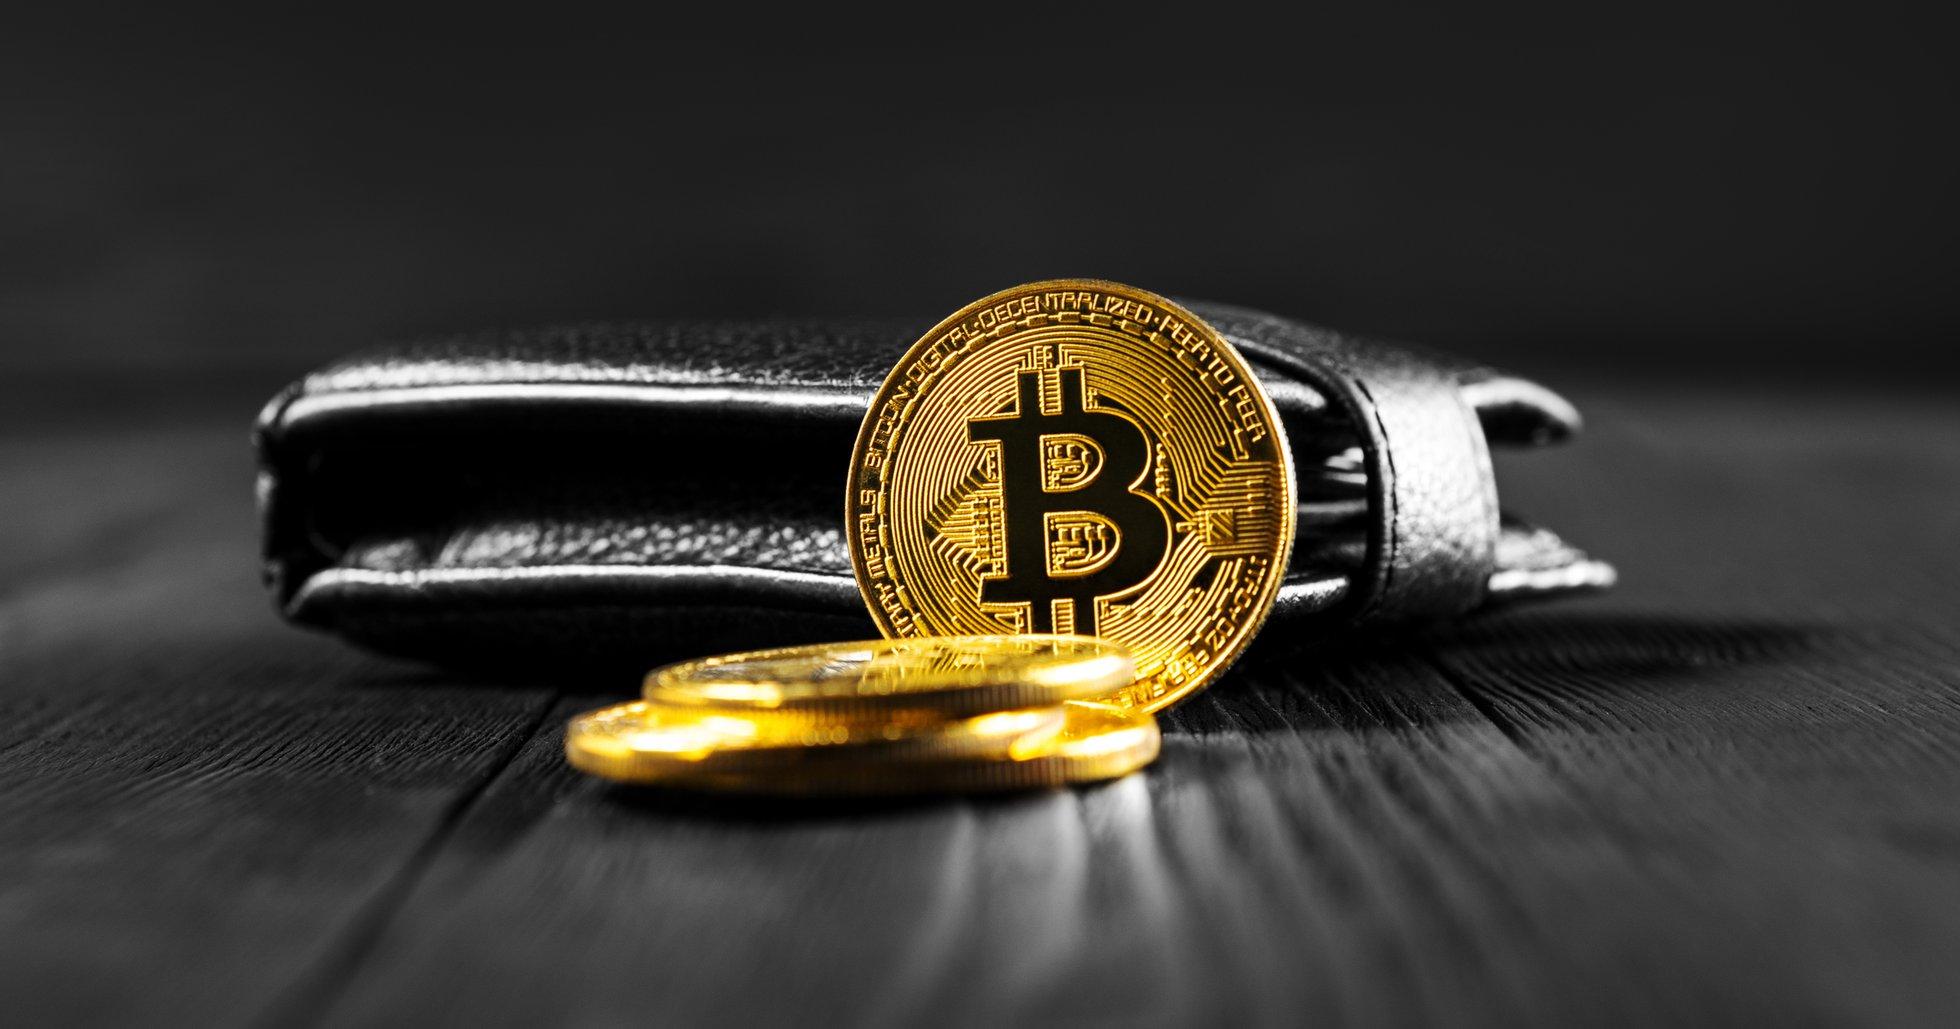 Nästan 100 miljarder kronor i bitcoin förvaras hos endast 8 kryptobörser.